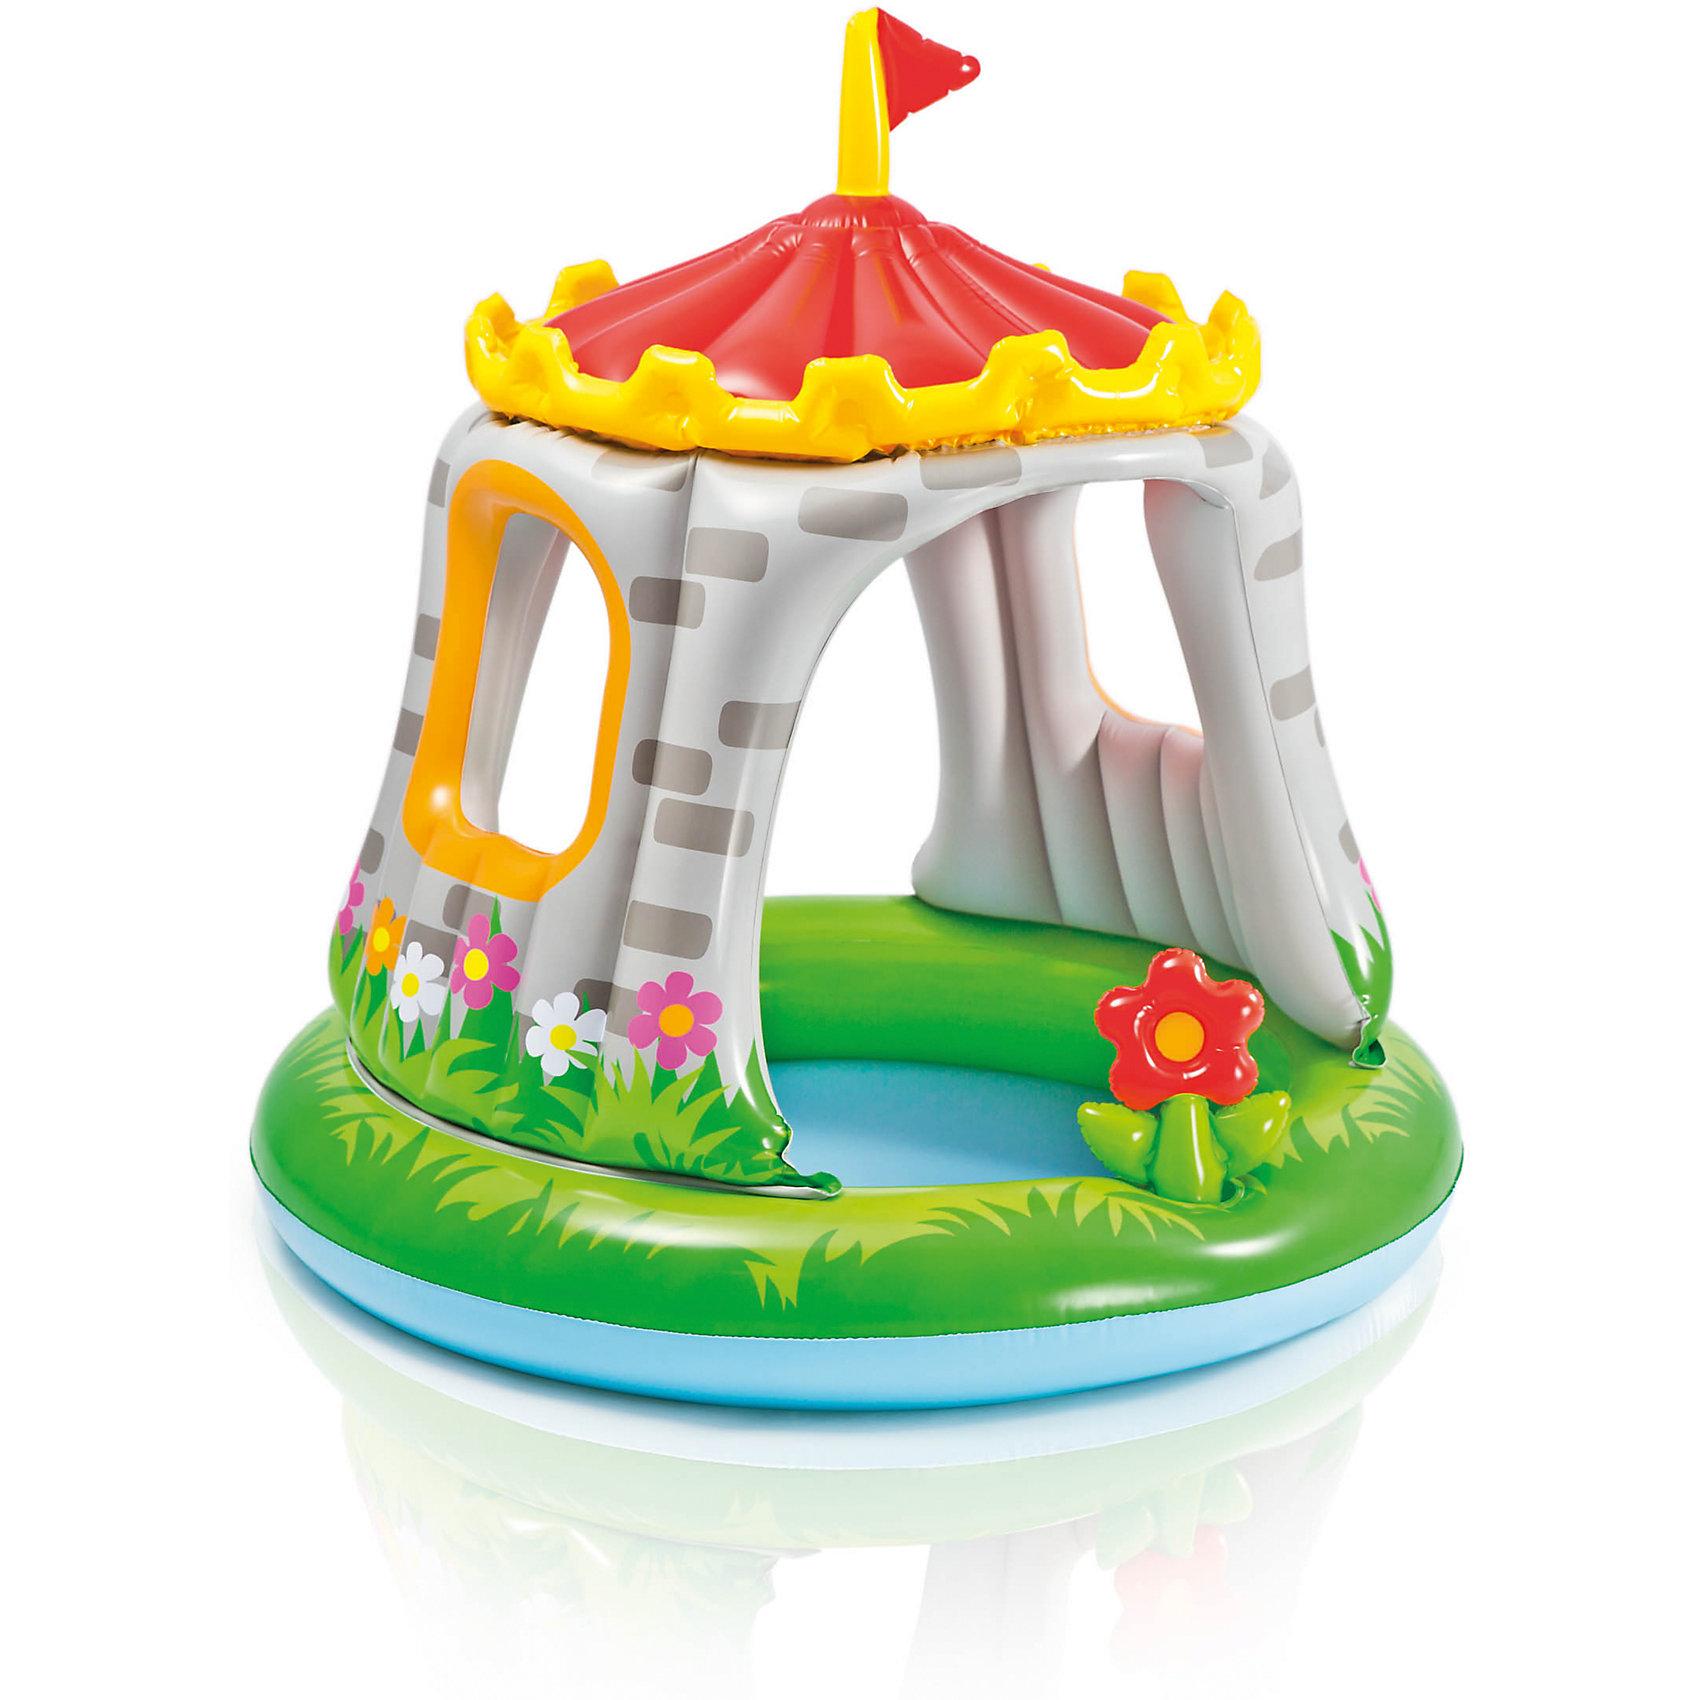 Детский бассейн Замок, IntexБассейны<br>Детский бассейн Замок, Intex (Интекс) - яркий, качественный и безопасный бассейн отличное решение для отдыха ваших деток в летнее время.<br>Детский надувной бассейн «Замок» от Intex (Интекс) гарантирует вашему малышу море удовольствия, ведь он такой яркий и красочный, похож на настоящий дворец. Бассейн имеет широкие невысокие бортики, предохраняющие малыша от травм, а наличие навеса в виде красивой красной крыши с желтыми зубчиками и флагом защитит ребенка от ярких солнечных лучей. На боковых стенках бассейна имеются два окошка, в которые ребенок может выглядывать или бросать  через них мячик. Бассейн декорирован надувным красным цветком. Глубина бассейна небольшая - всего 13 см, поэтому в нем могут купаться маленькие дети от 1 года под присмотром родителей. Изготовлен из прочного винила.<br><br>Дополнительная информация:<br><br>- Диметр: 122 см.<br>- Объем : 68 л.<br>- Глубина: 13 см.<br>- Тип дна: ненадувное<br>- Материал: высокопрочный ПВХ (винил) толщина 0,25 мм.<br>- Вес: 2,5 кг.<br><br>Детский бассейн Замок, Intex (Интекс) можно купить в нашем интернет-магазине.<br><br>Ширина мм: 310<br>Глубина мм: 268<br>Высота мм: 107<br>Вес г: 2430<br>Возраст от месяцев: 12<br>Возраст до месяцев: 36<br>Пол: Унисекс<br>Возраст: Детский<br>SKU: 4251407